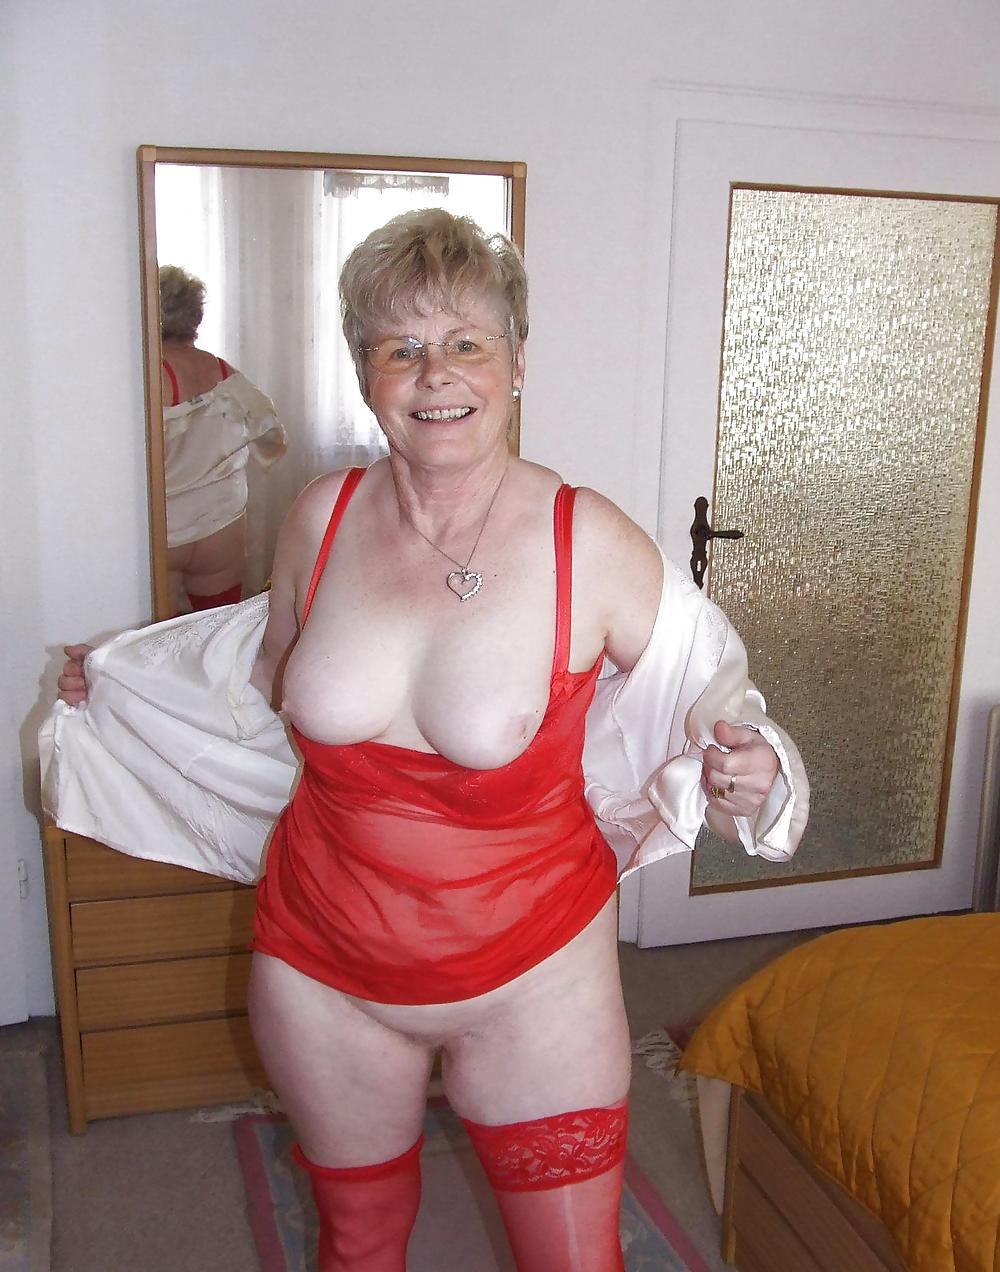 Hot Mature Granny Sex Porn Archive Site Comments 1